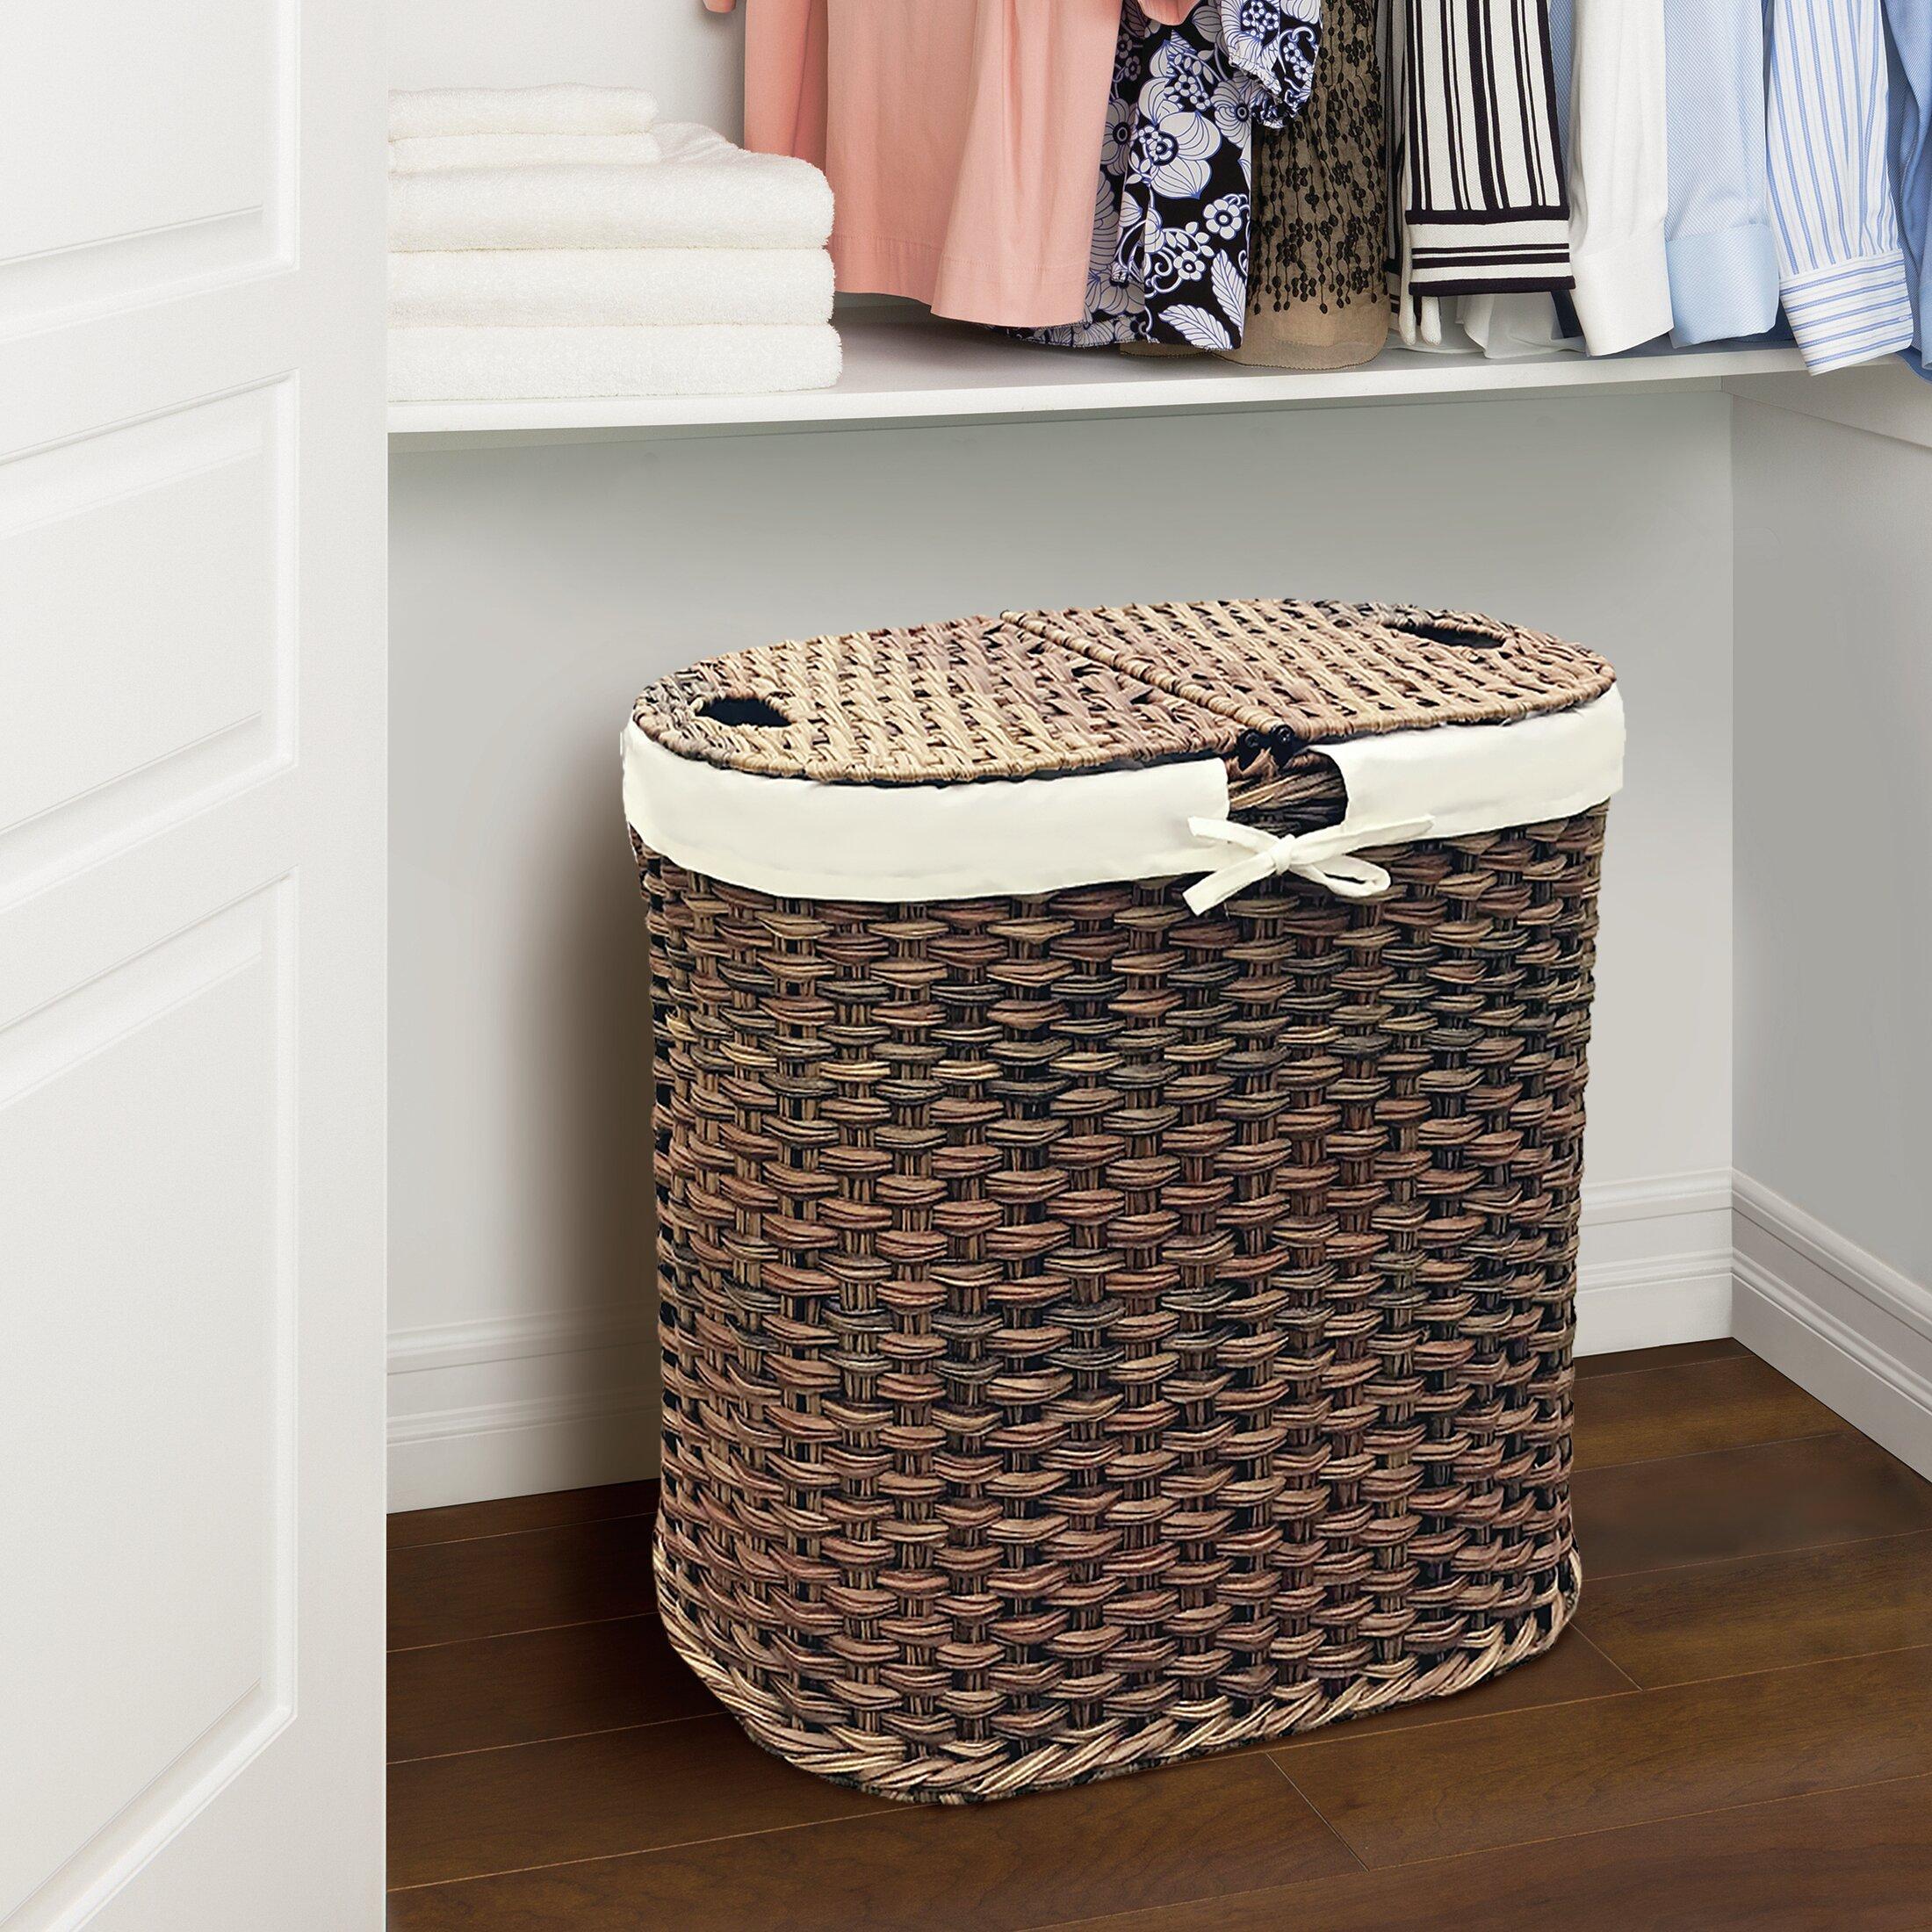 Gracie oaks wicker oval double laundry hamper reviews wayfair